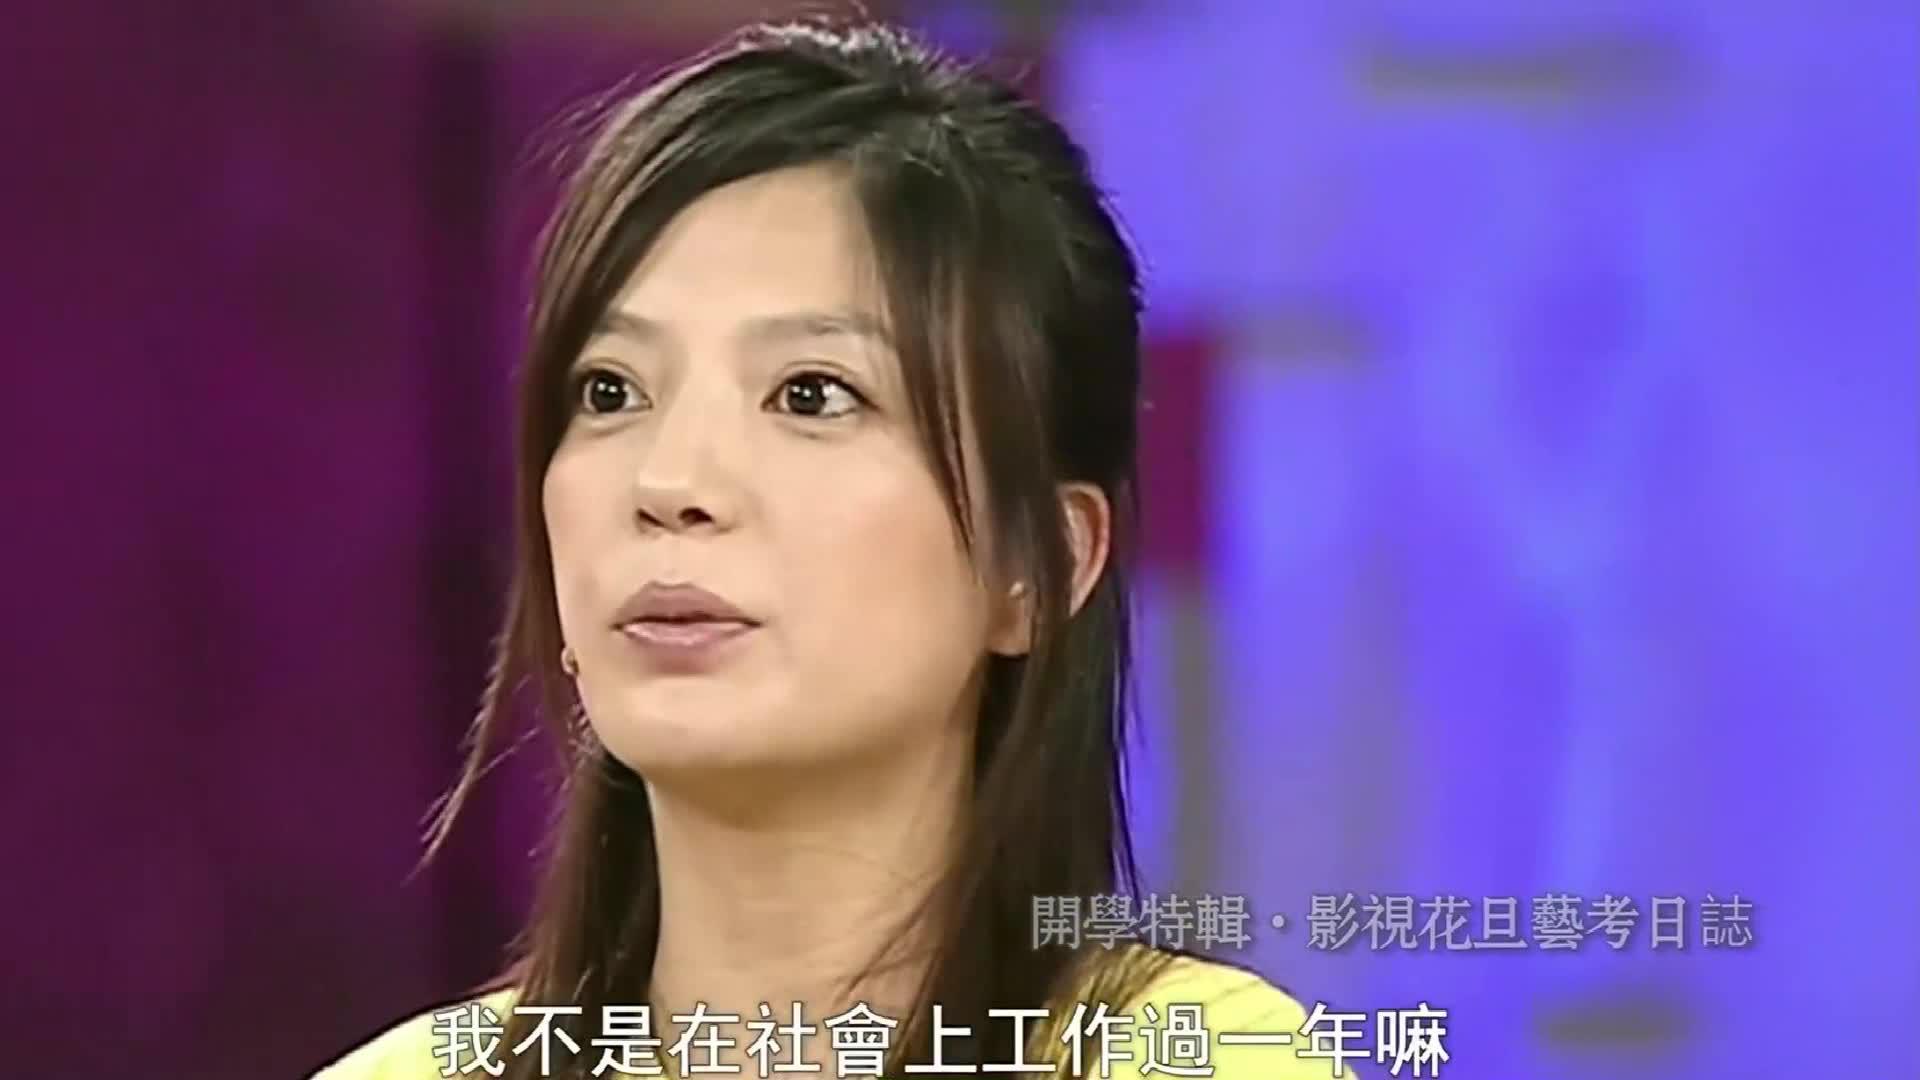 真是不说不知道,一说吓一跳,赵薇北电入学成绩竟然是全国第一